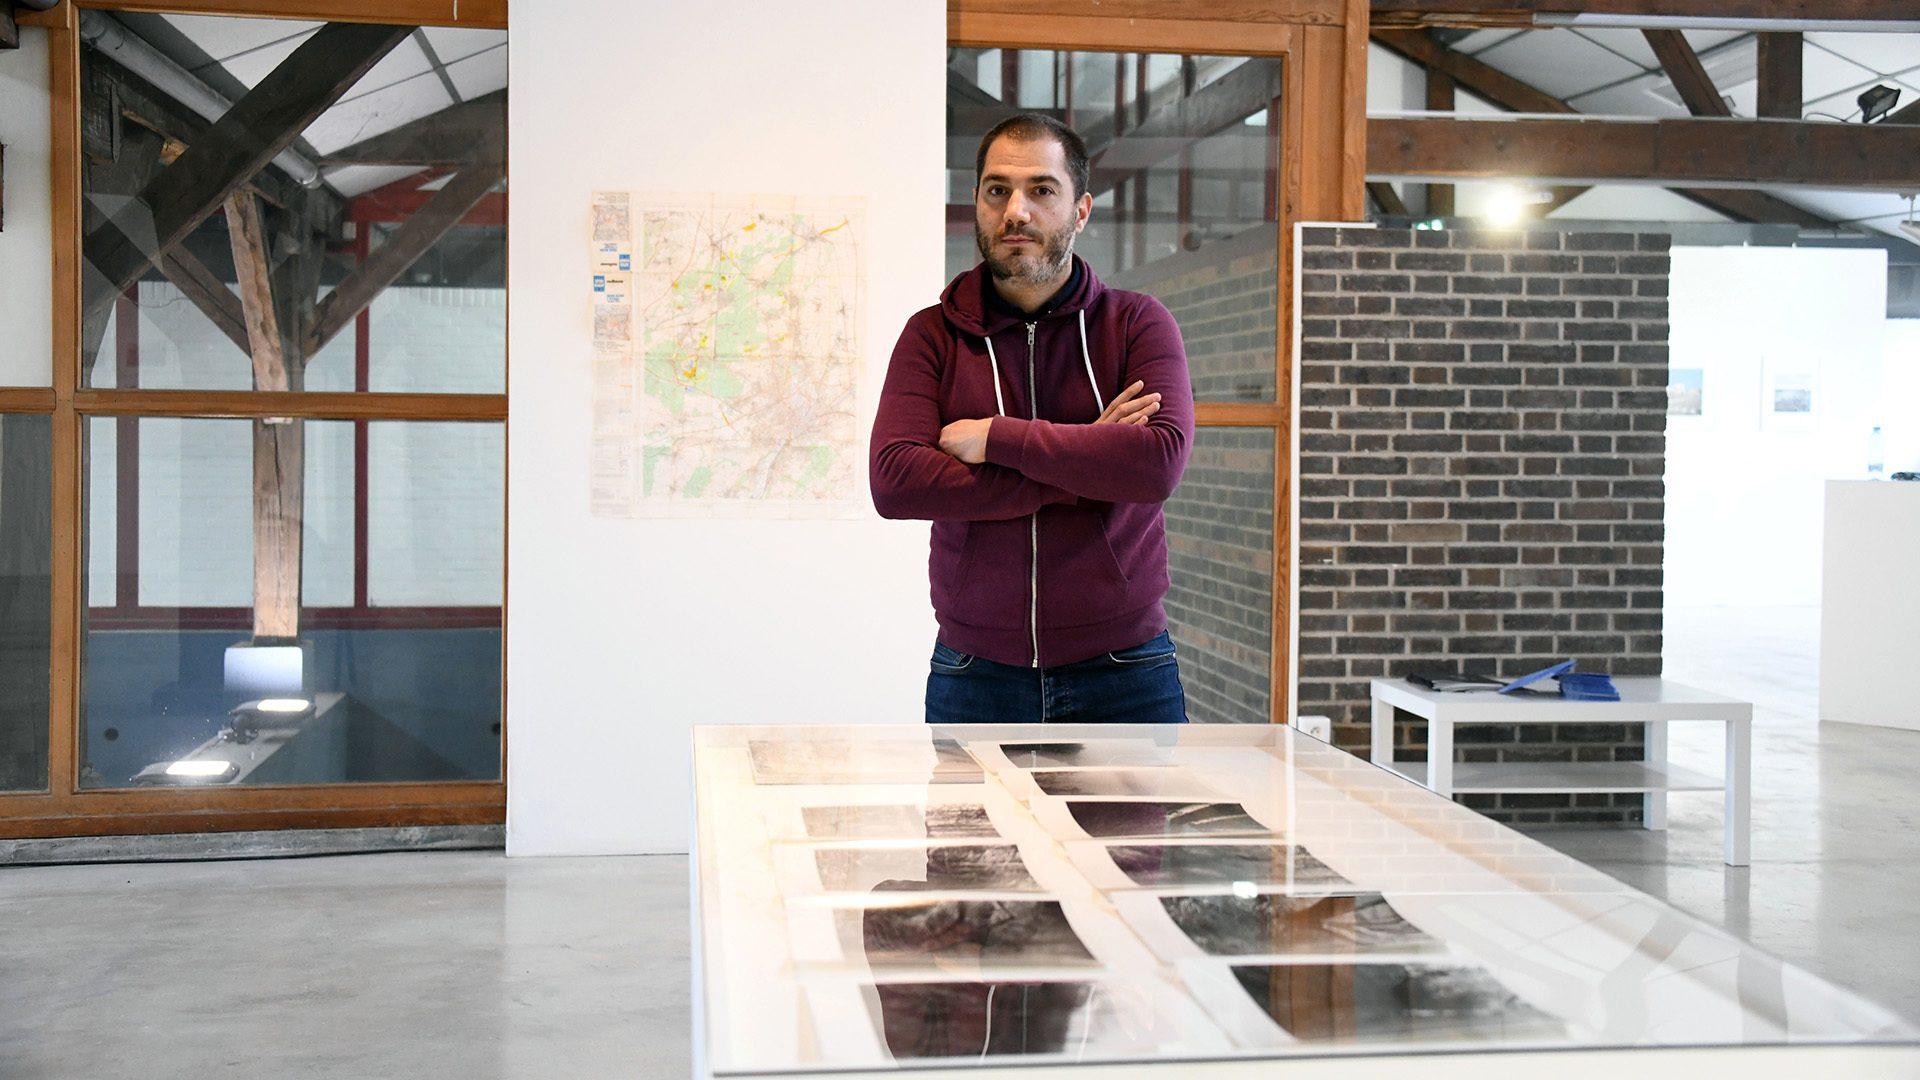 Exposition Pour tout le sel de la terre, Mickael Roy de Kingersheim, curateur de l'exposition